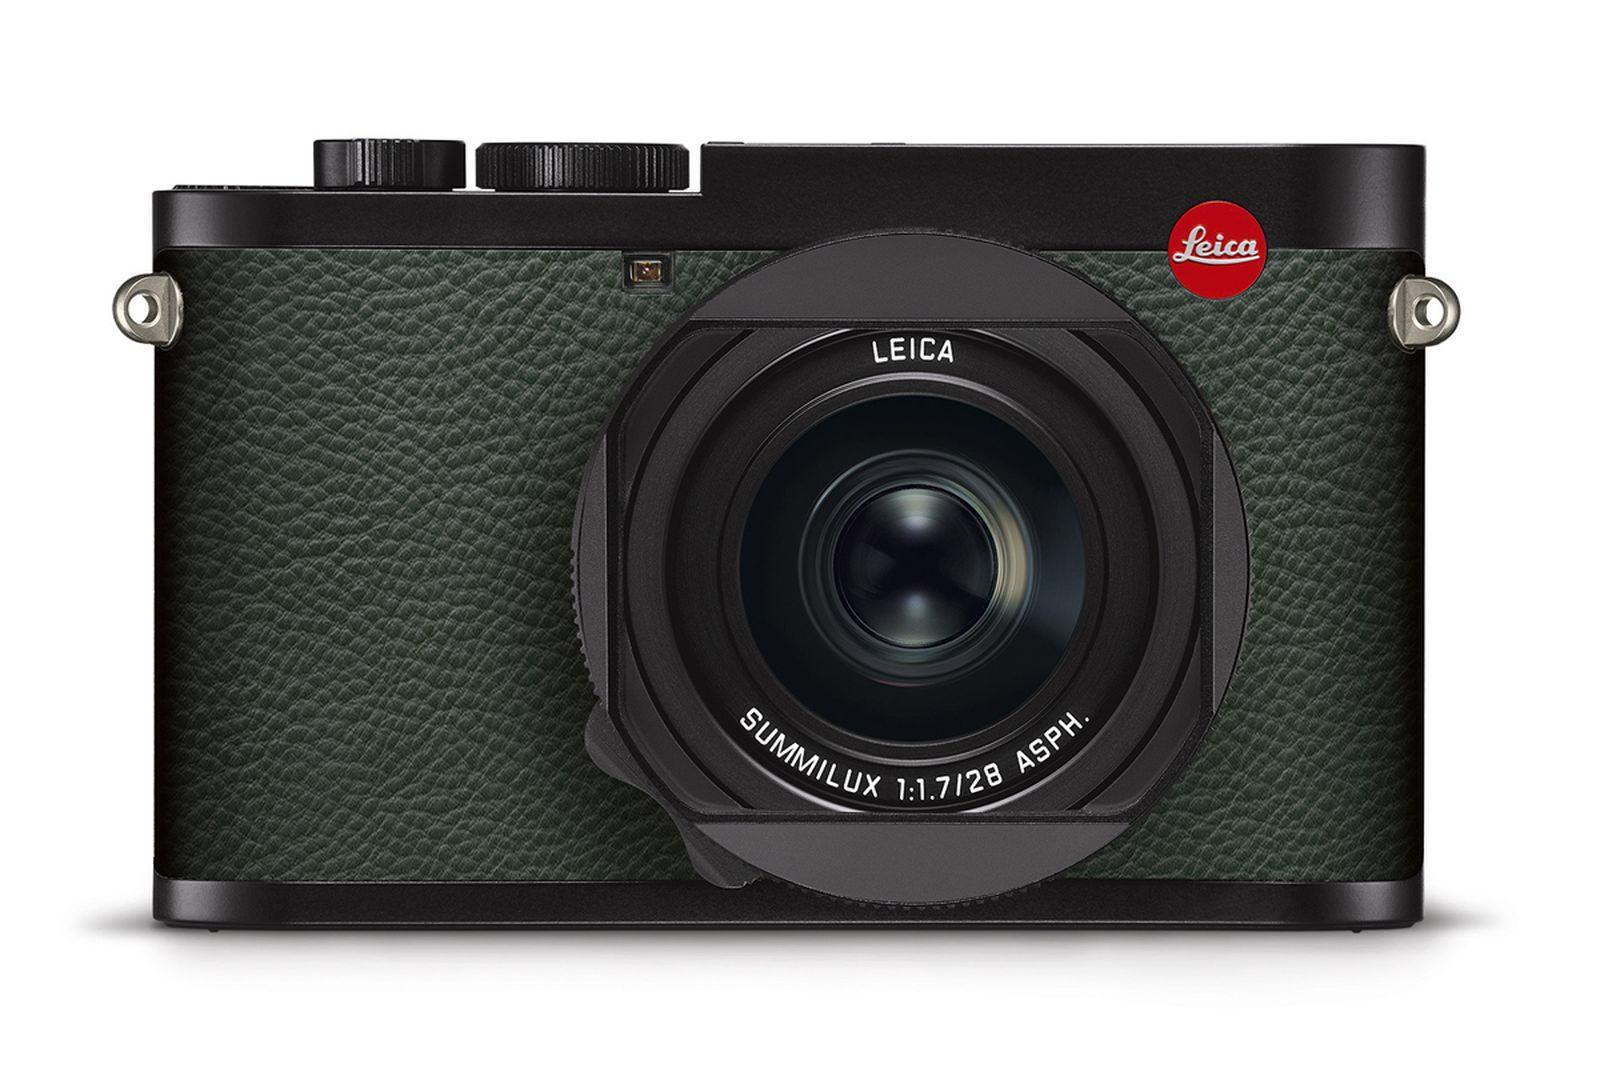 leica-james-bond-007-q2-camera (2)